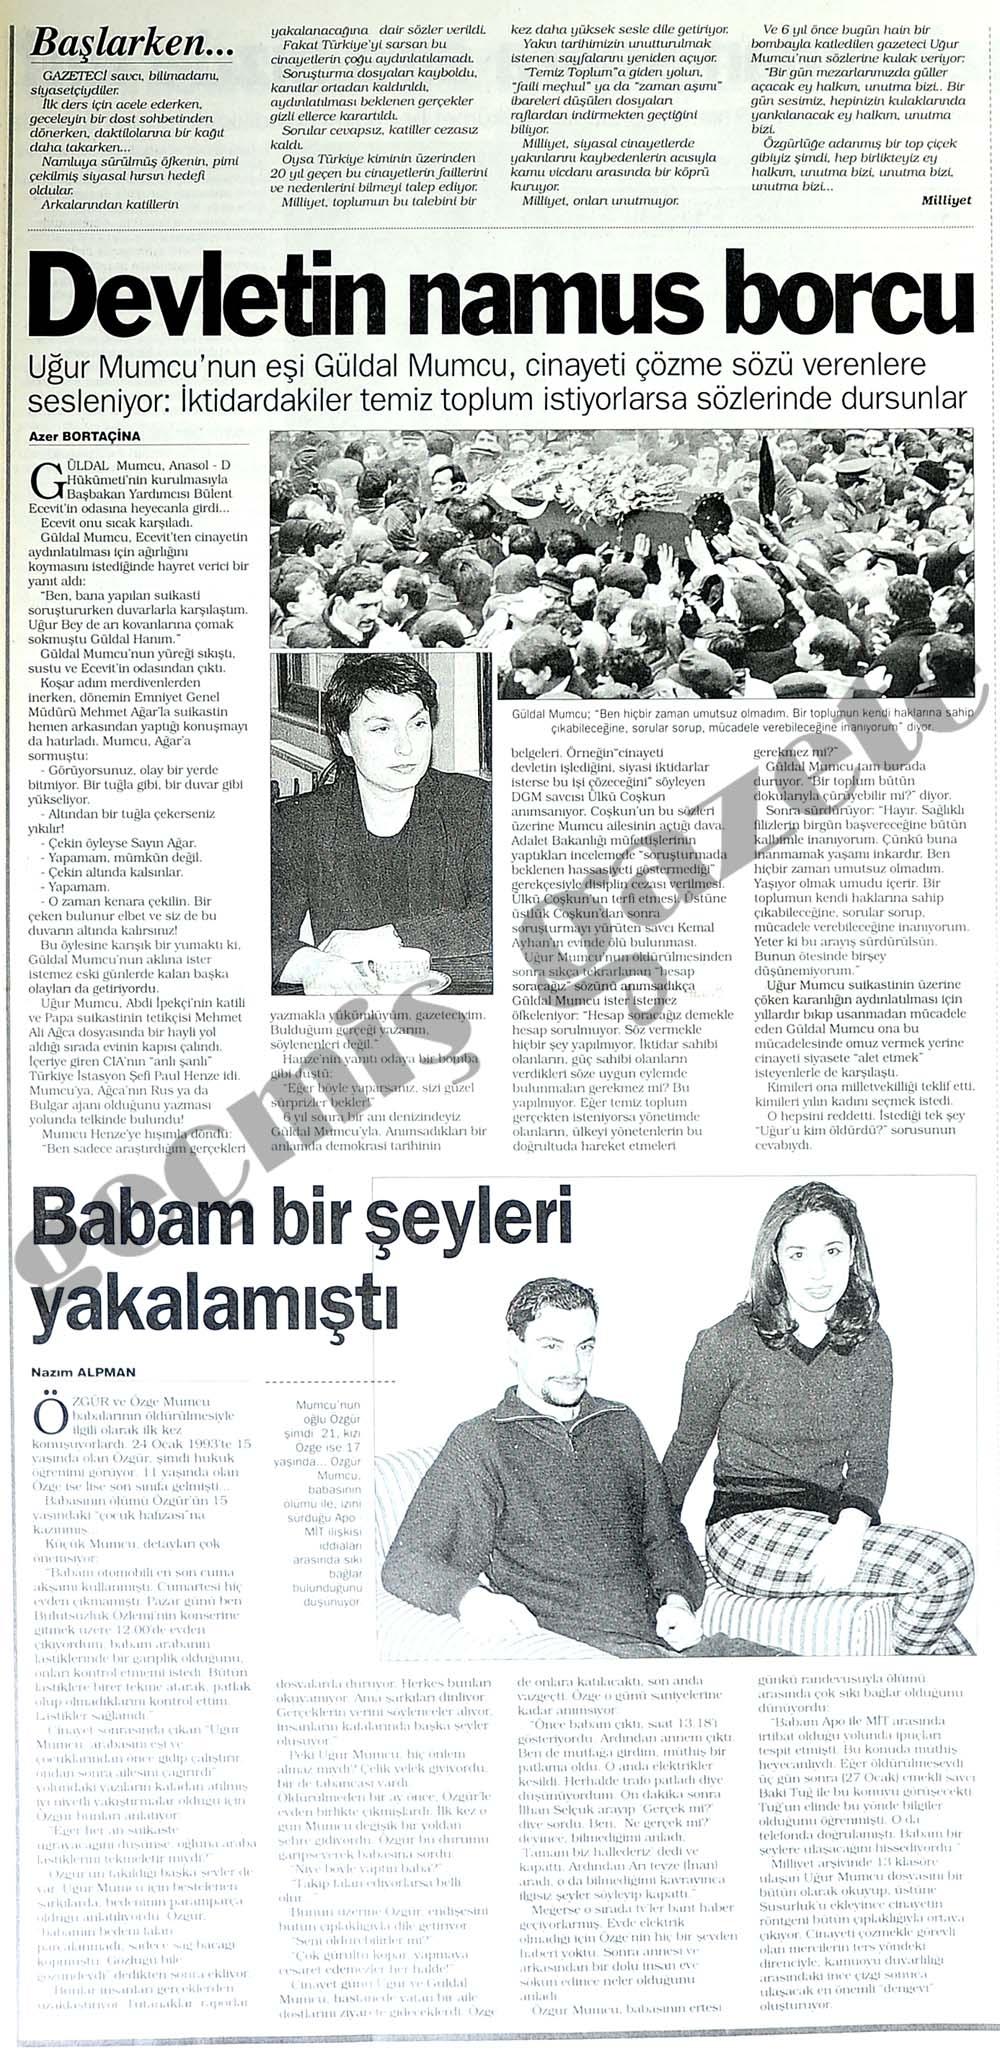 Türkiye'nin utancı